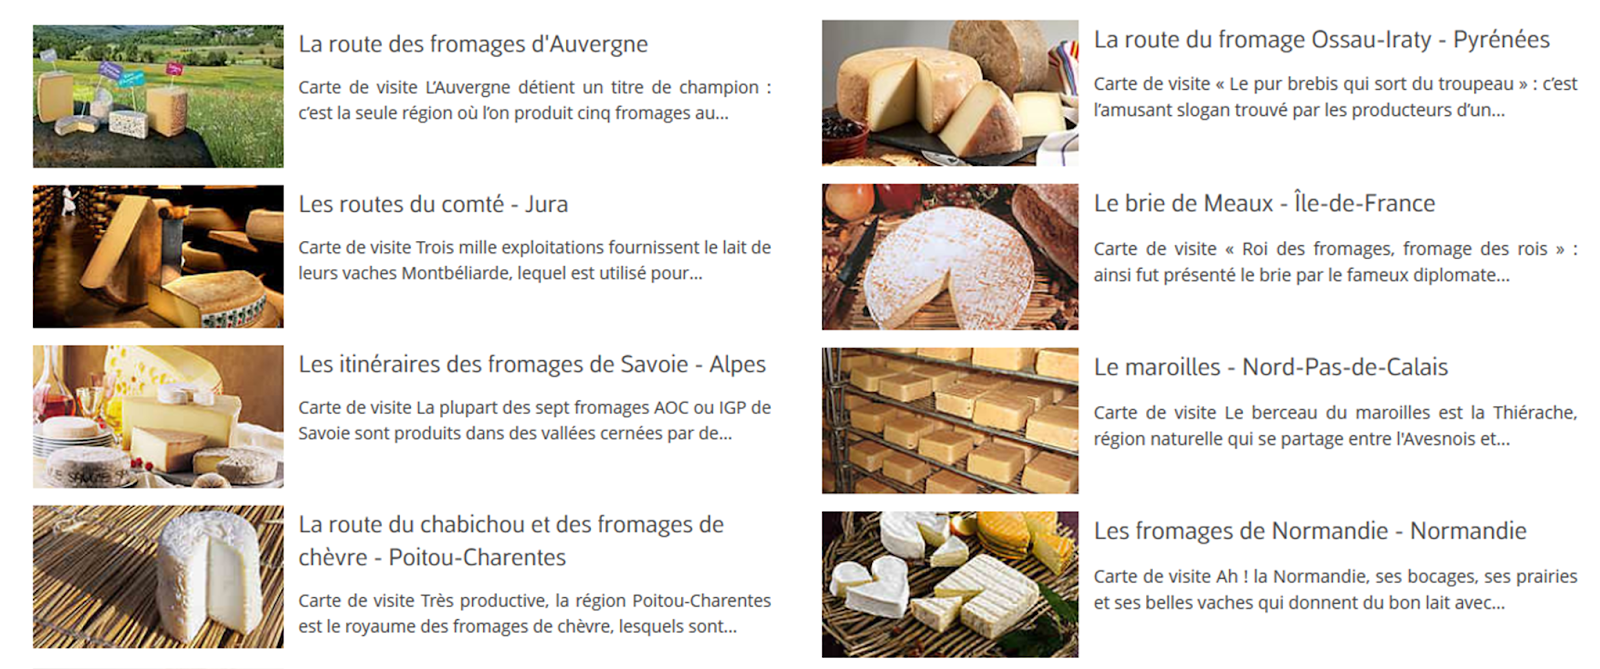 Sur Routard Contenu Dossier Cid136463 Les Routes Des Fromages En France